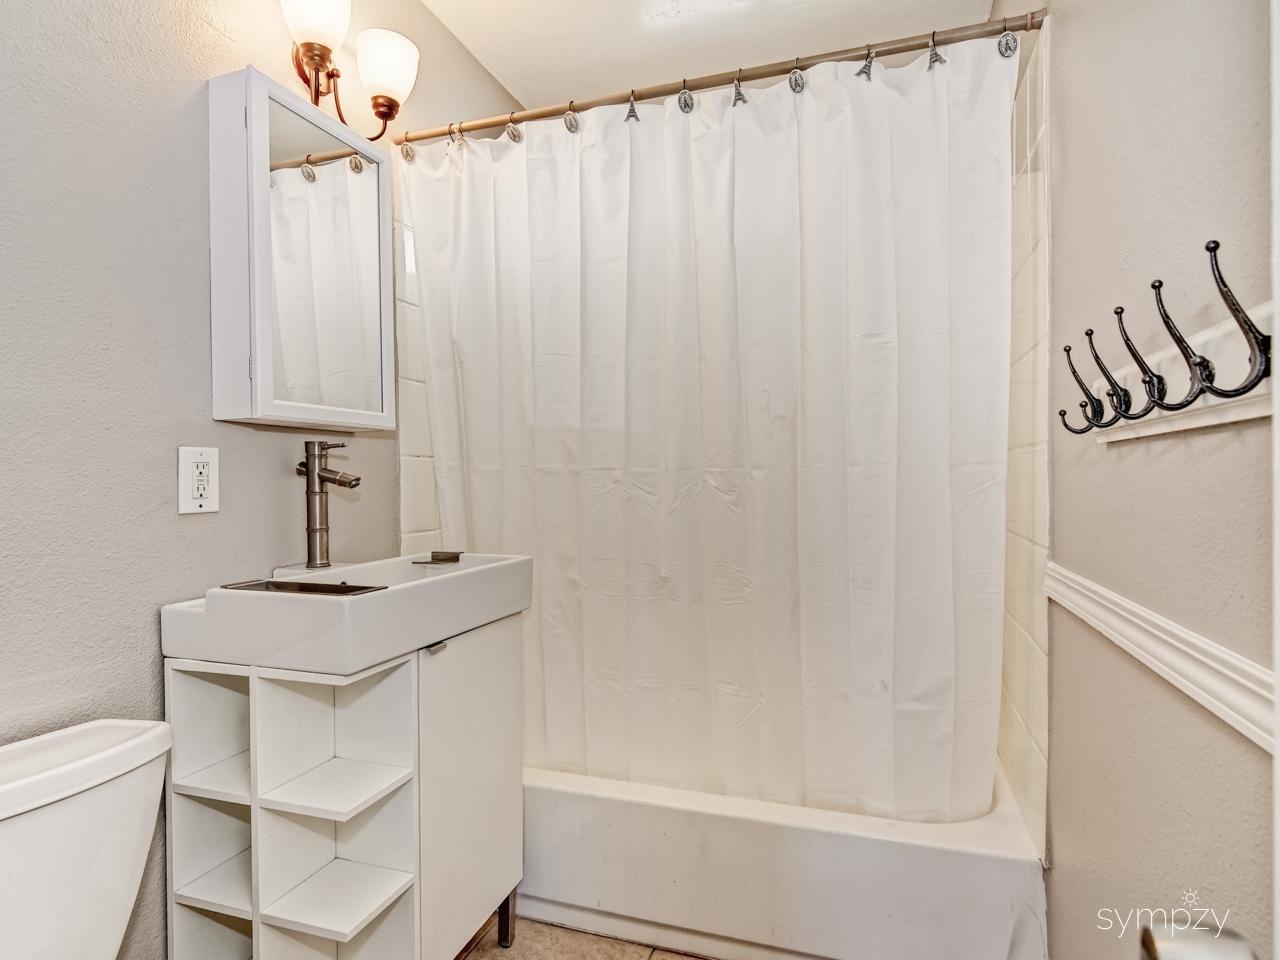 Ba bathroom curtains at sears - Ba Bathroom Curtains At Sears 45